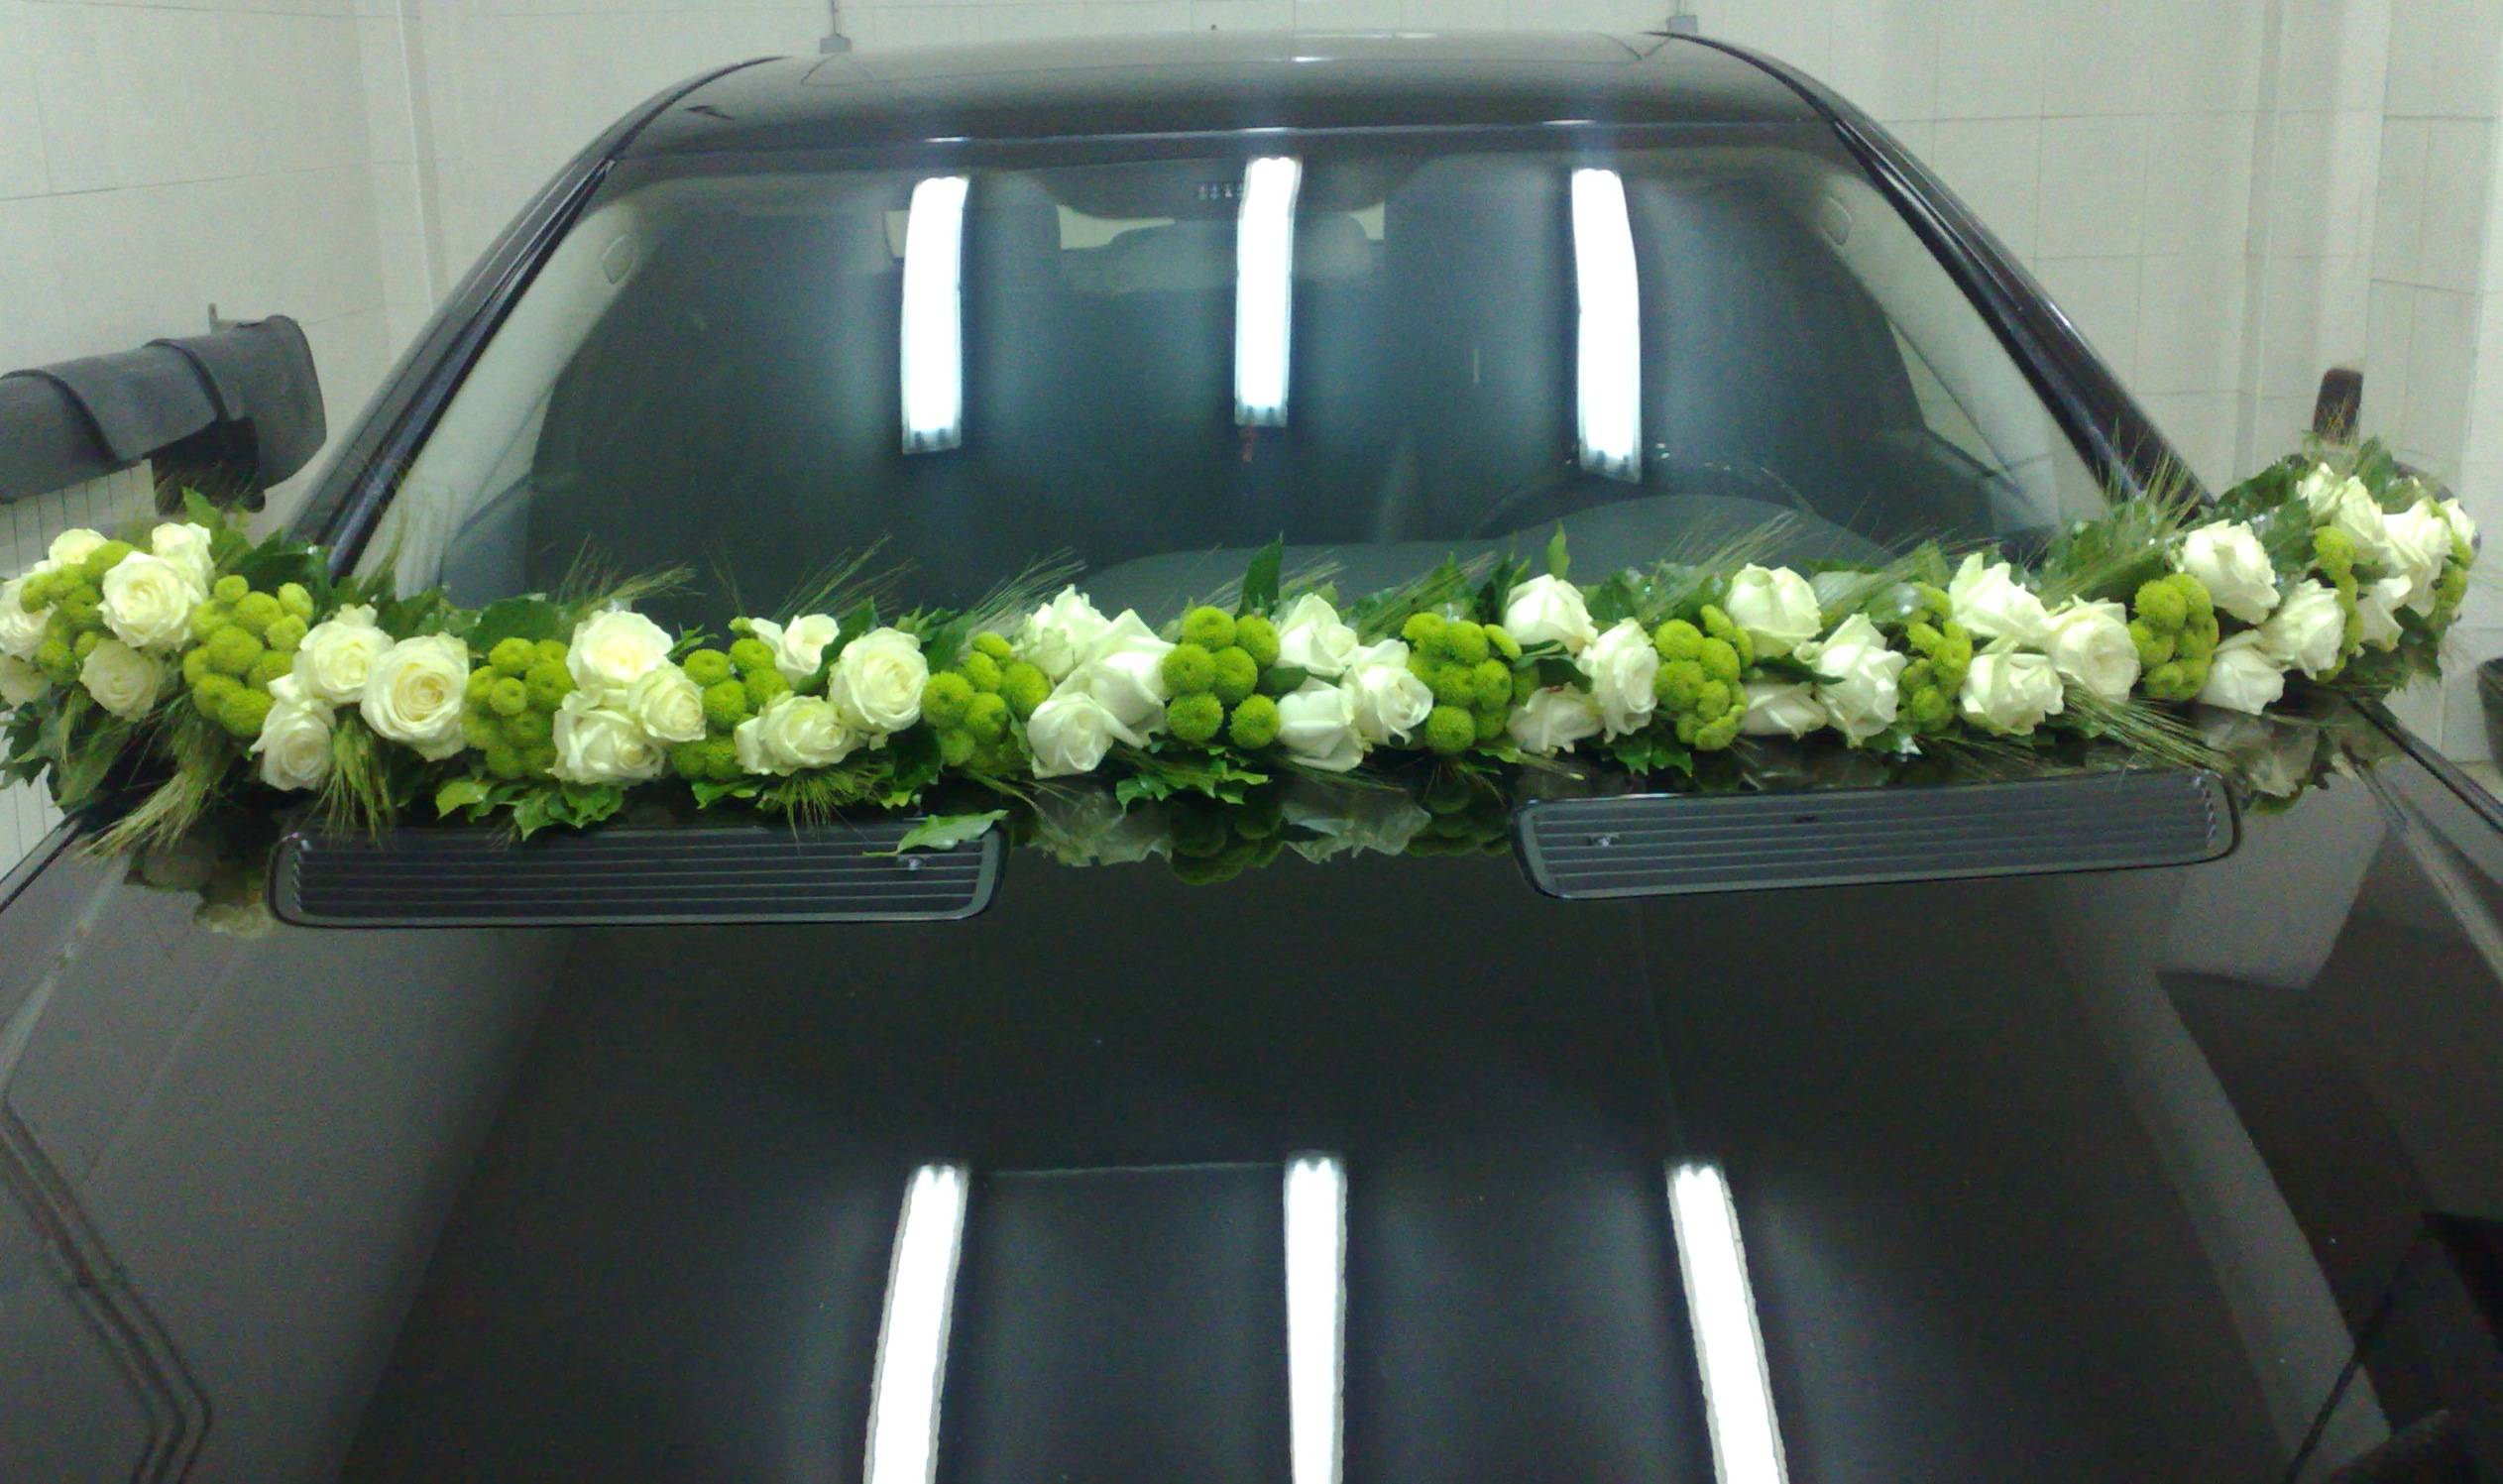 Venčić za auto 39 belih ruža i zelena hrizantema